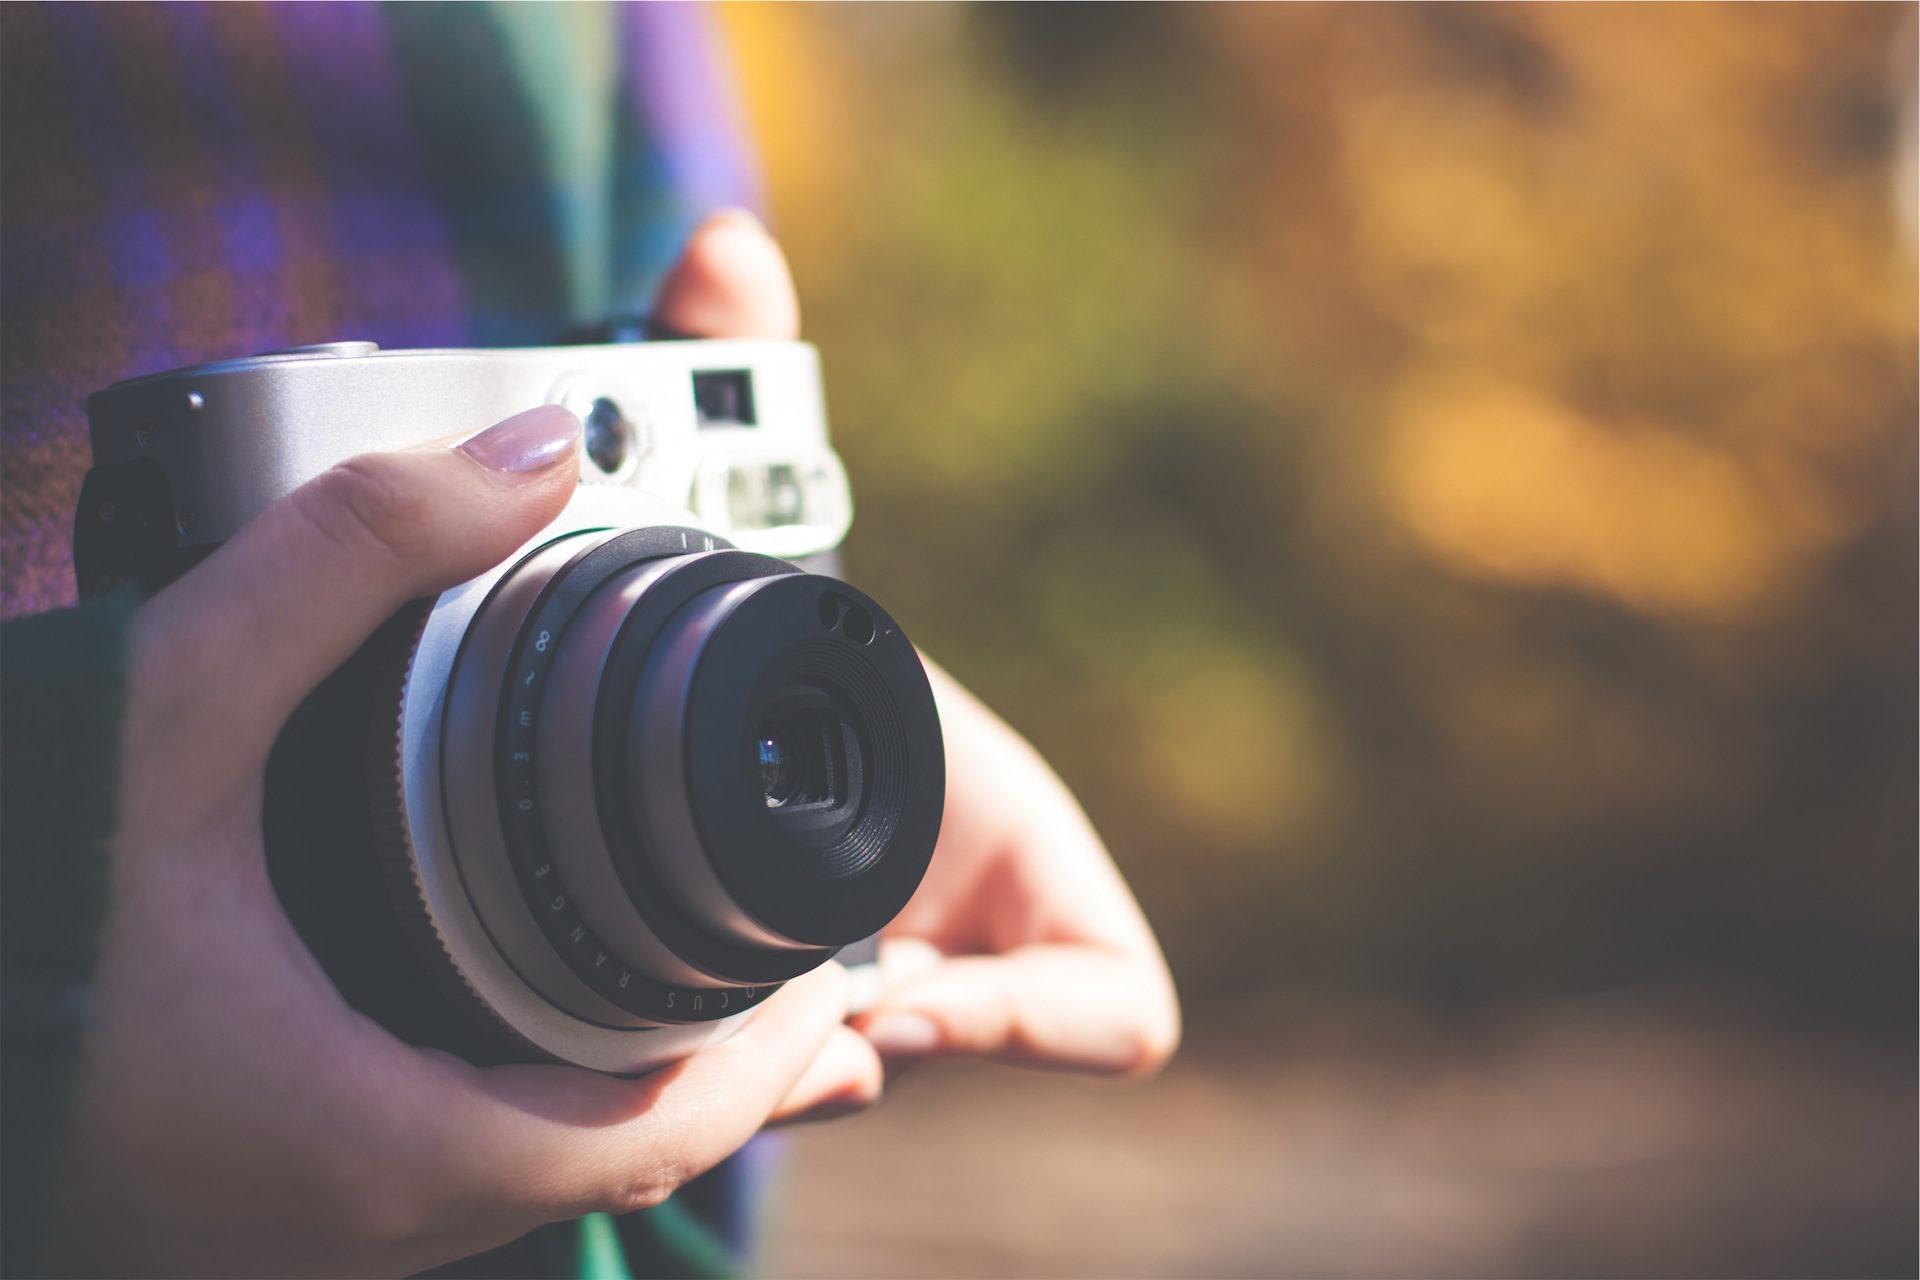 カメラ, 写真, 女性, 手, 目的 - HD の壁紙 - 教授-falken.com